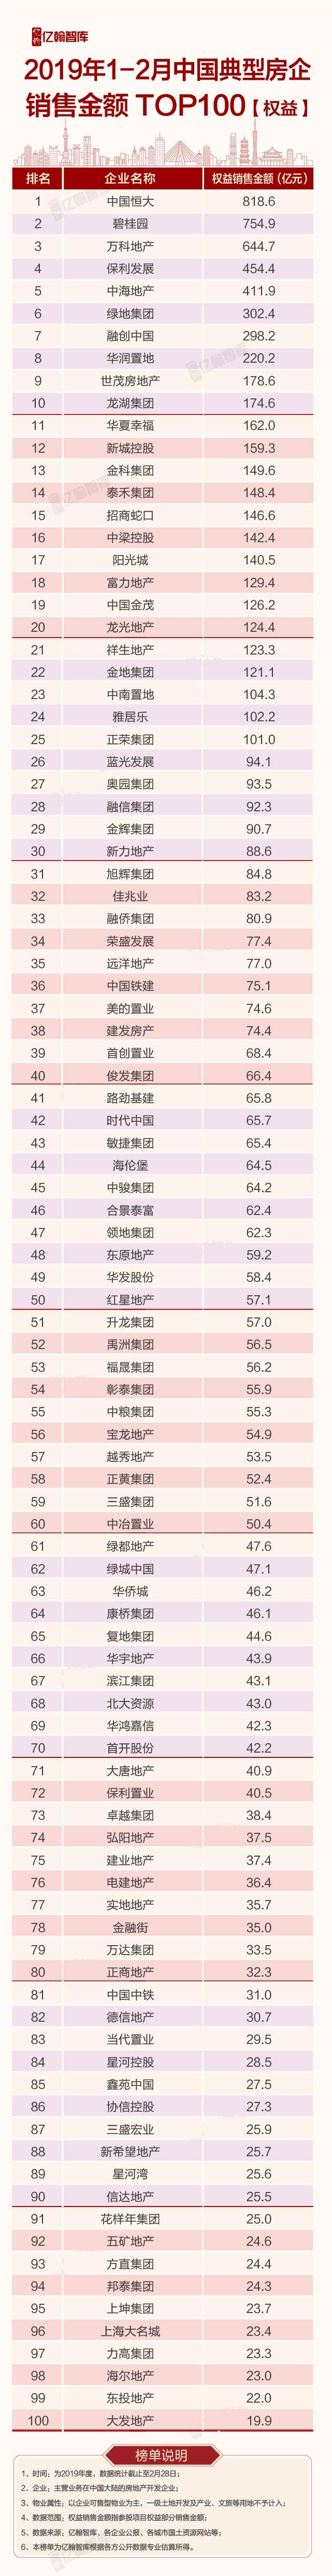 2019年1-2月中国典型房企销售业绩TOP200 市场探底 门槛值提升势头受阻-中国网地产